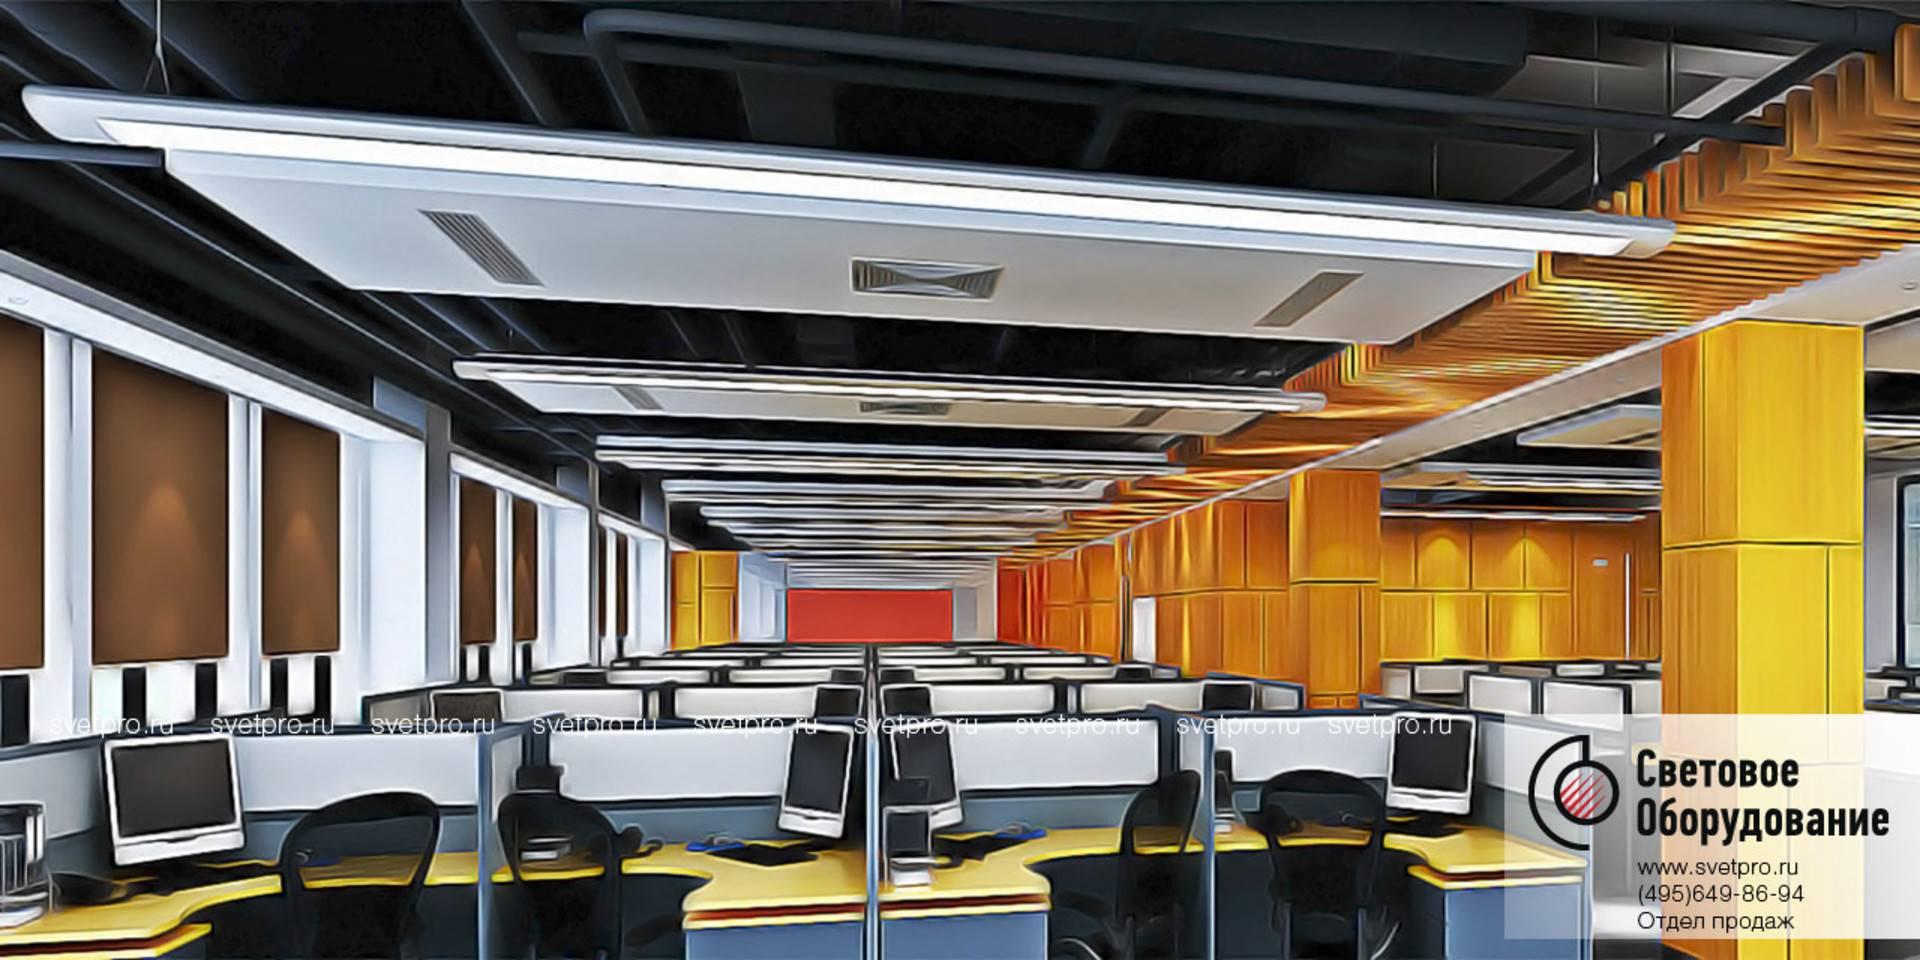 Как правильно организовать освещение на рабочем месте